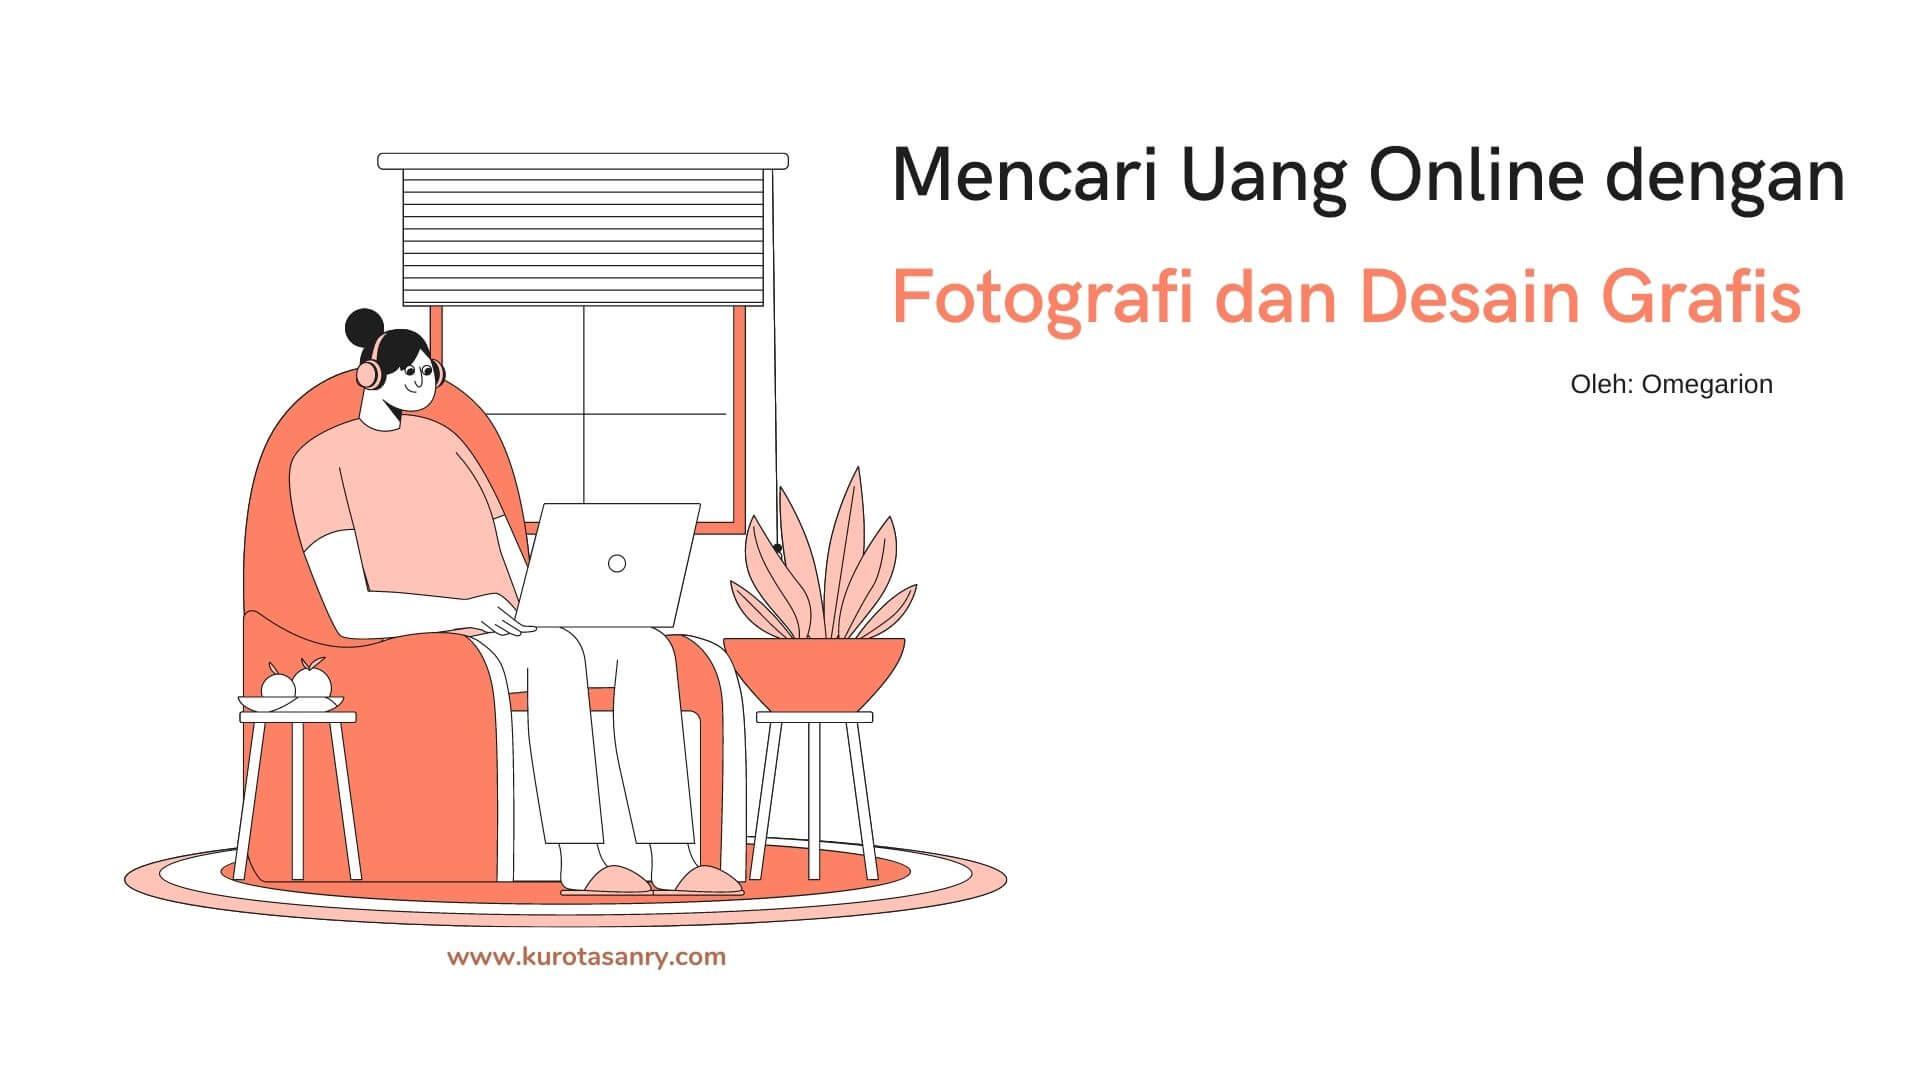 Cara mencari uang online